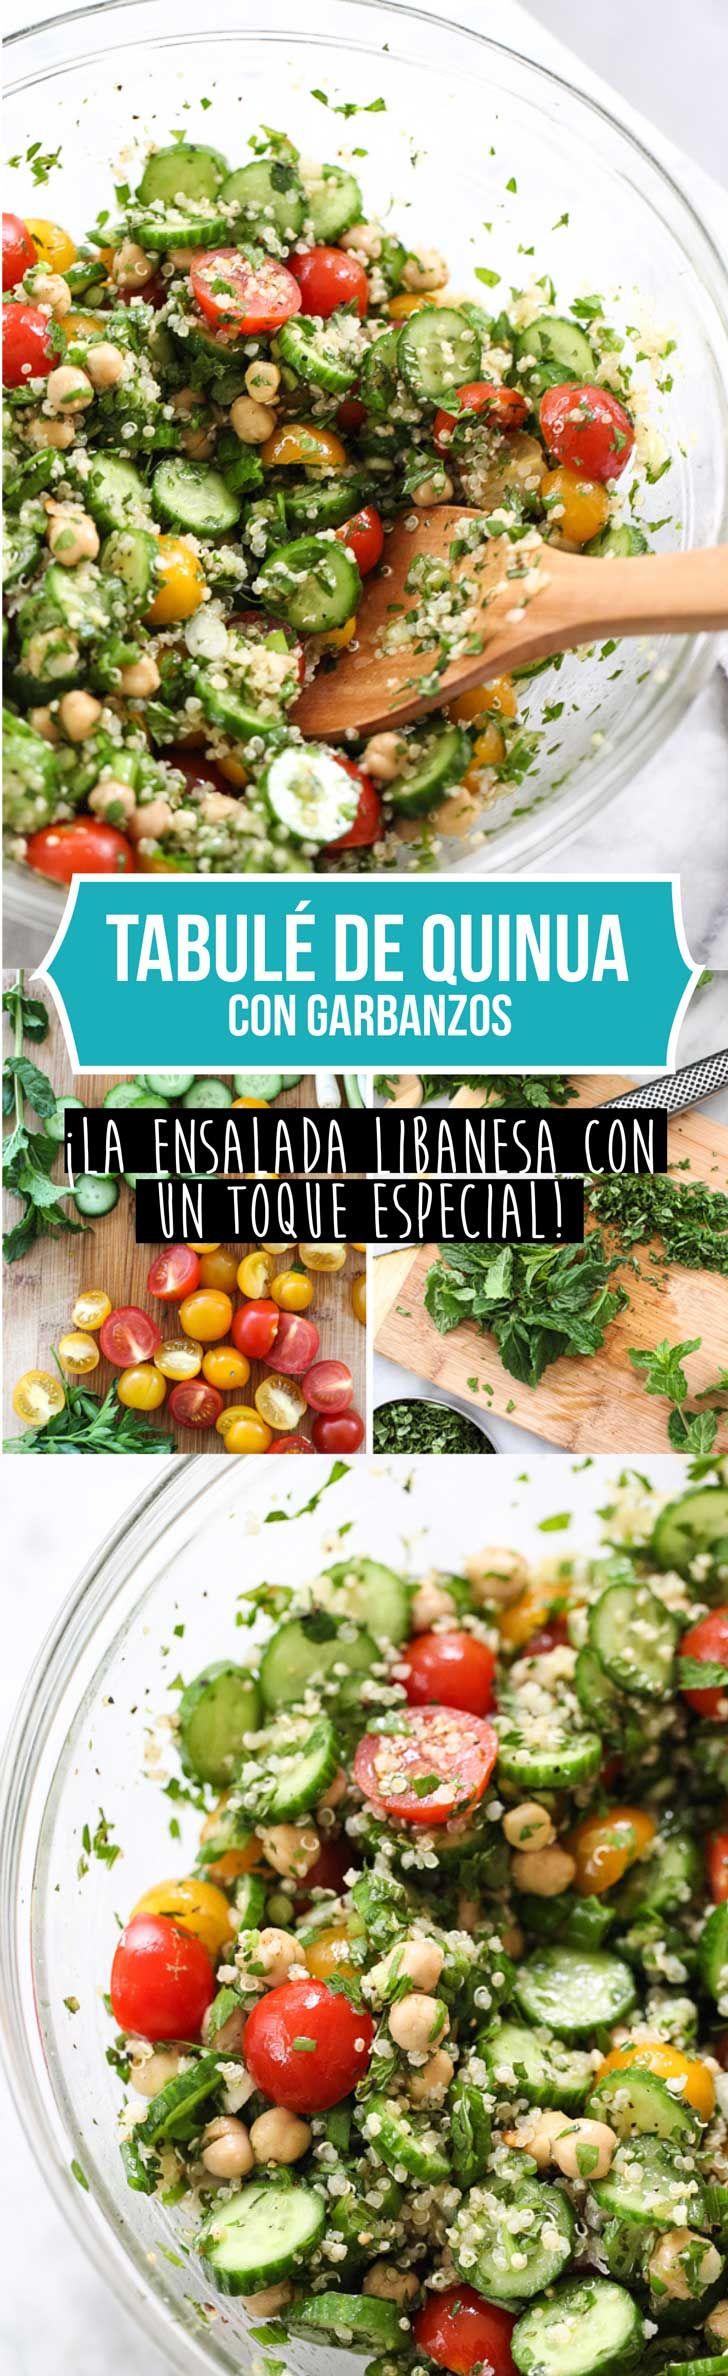 M s de 25 ideas incre bles sobre ensalada gourmet en - Ensaladas gourmet faciles ...